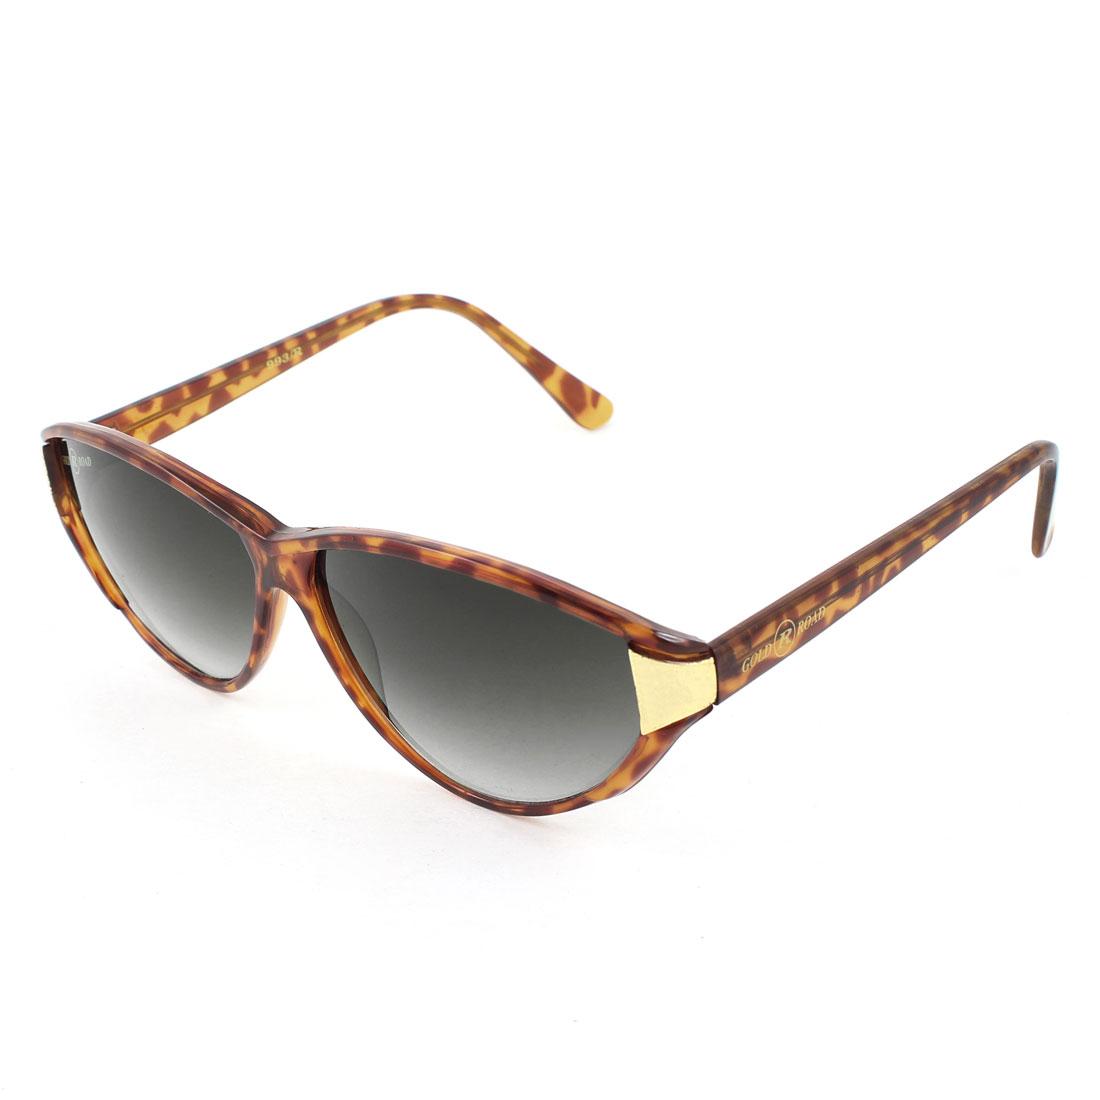 Outdoor Black Lens Leopard Pattern Full Frame Sunglasses for Women Lady